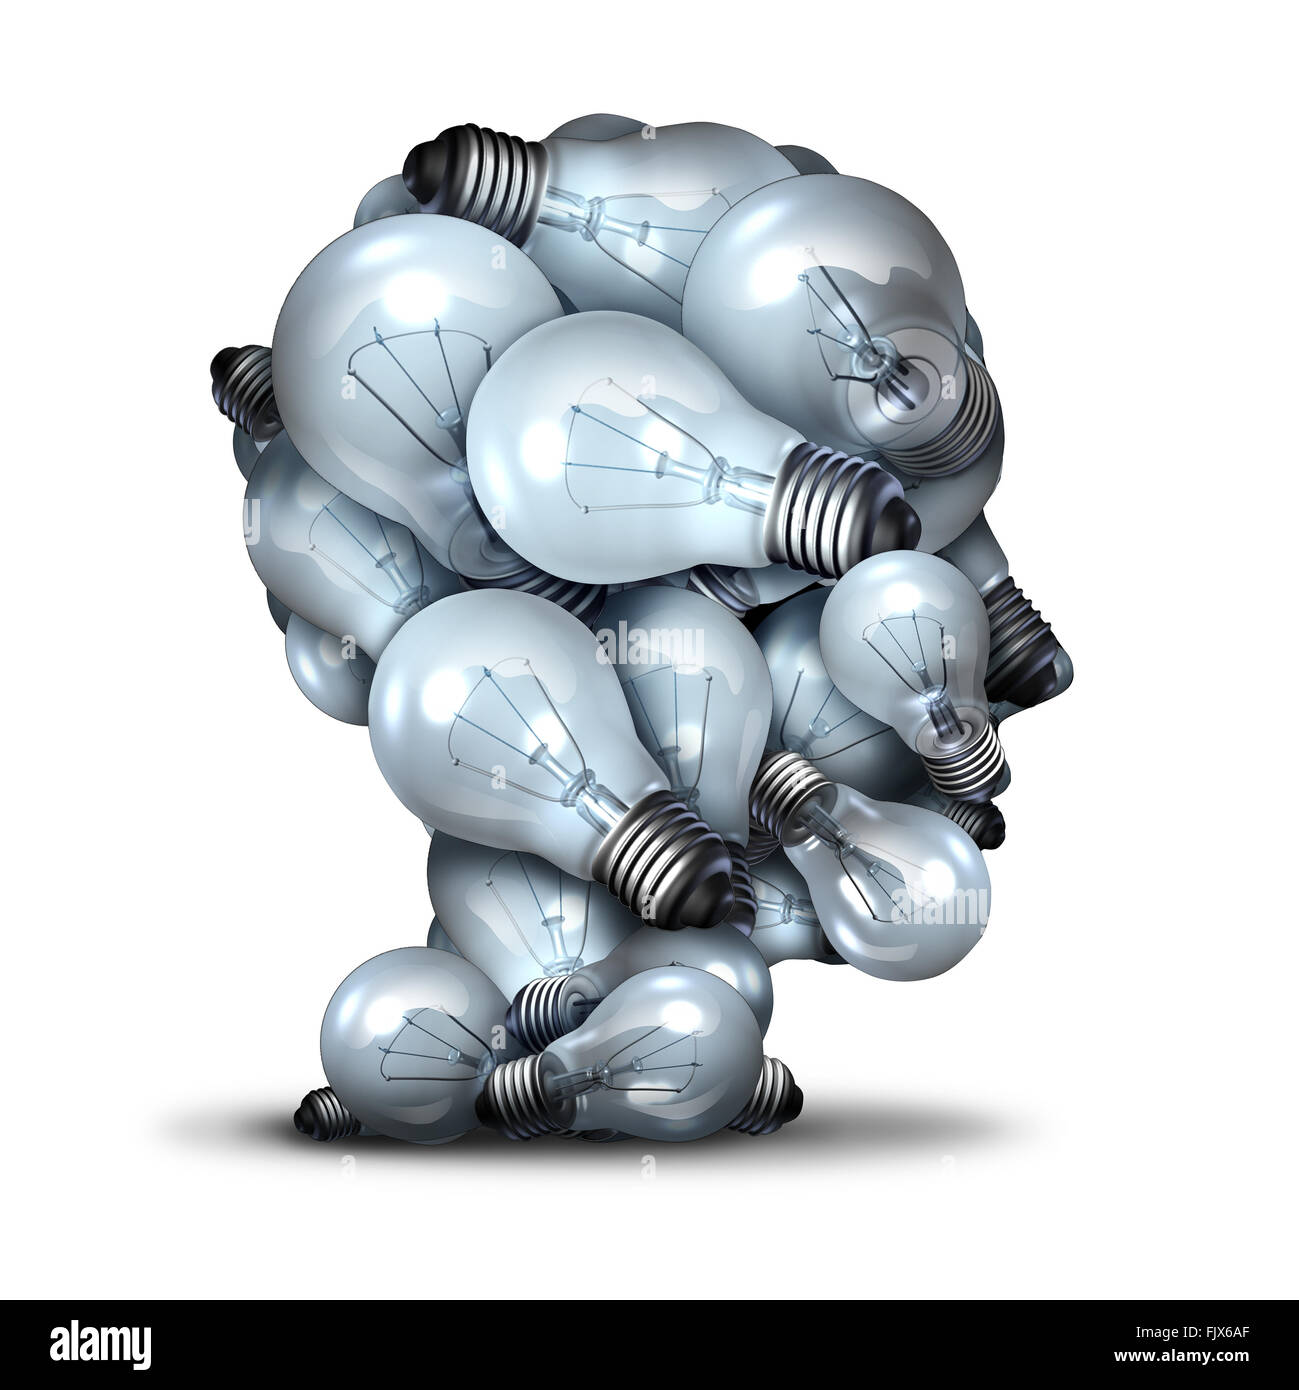 La lampadina della luce testata la creatività e la potenza del concetto di fantasia come un gruppo di lampadine Immagini Stock